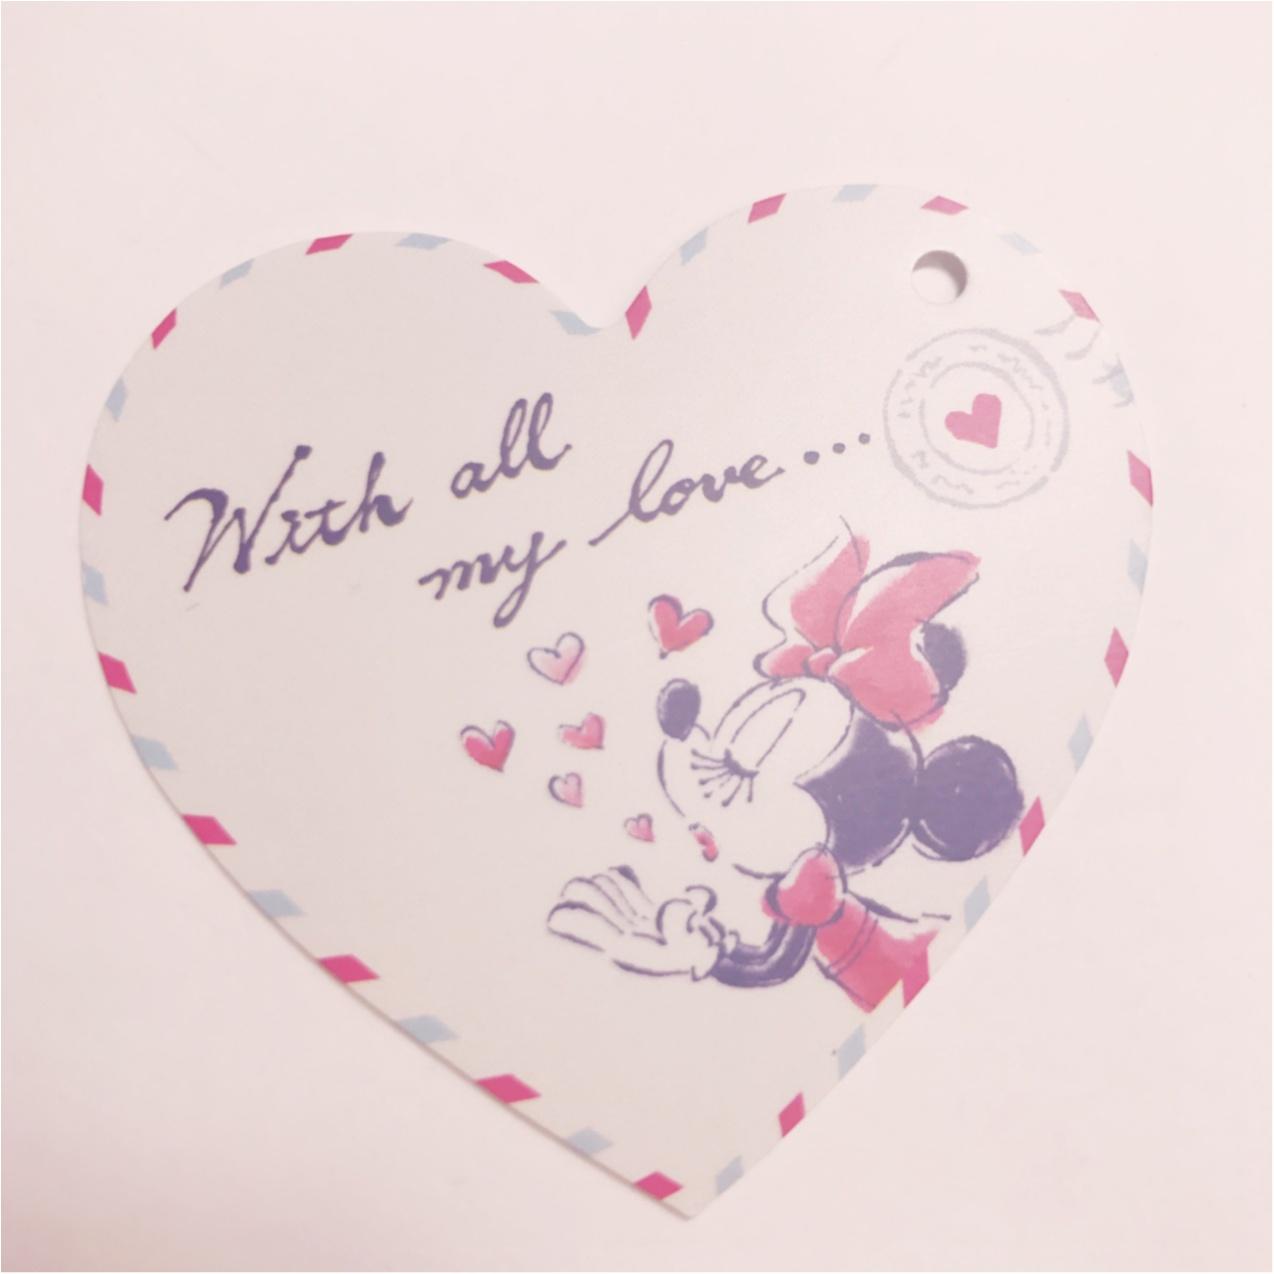 《Cocoonist × ミニーマウス》のコラボアイテムが可愛すぎっ❤︎_5